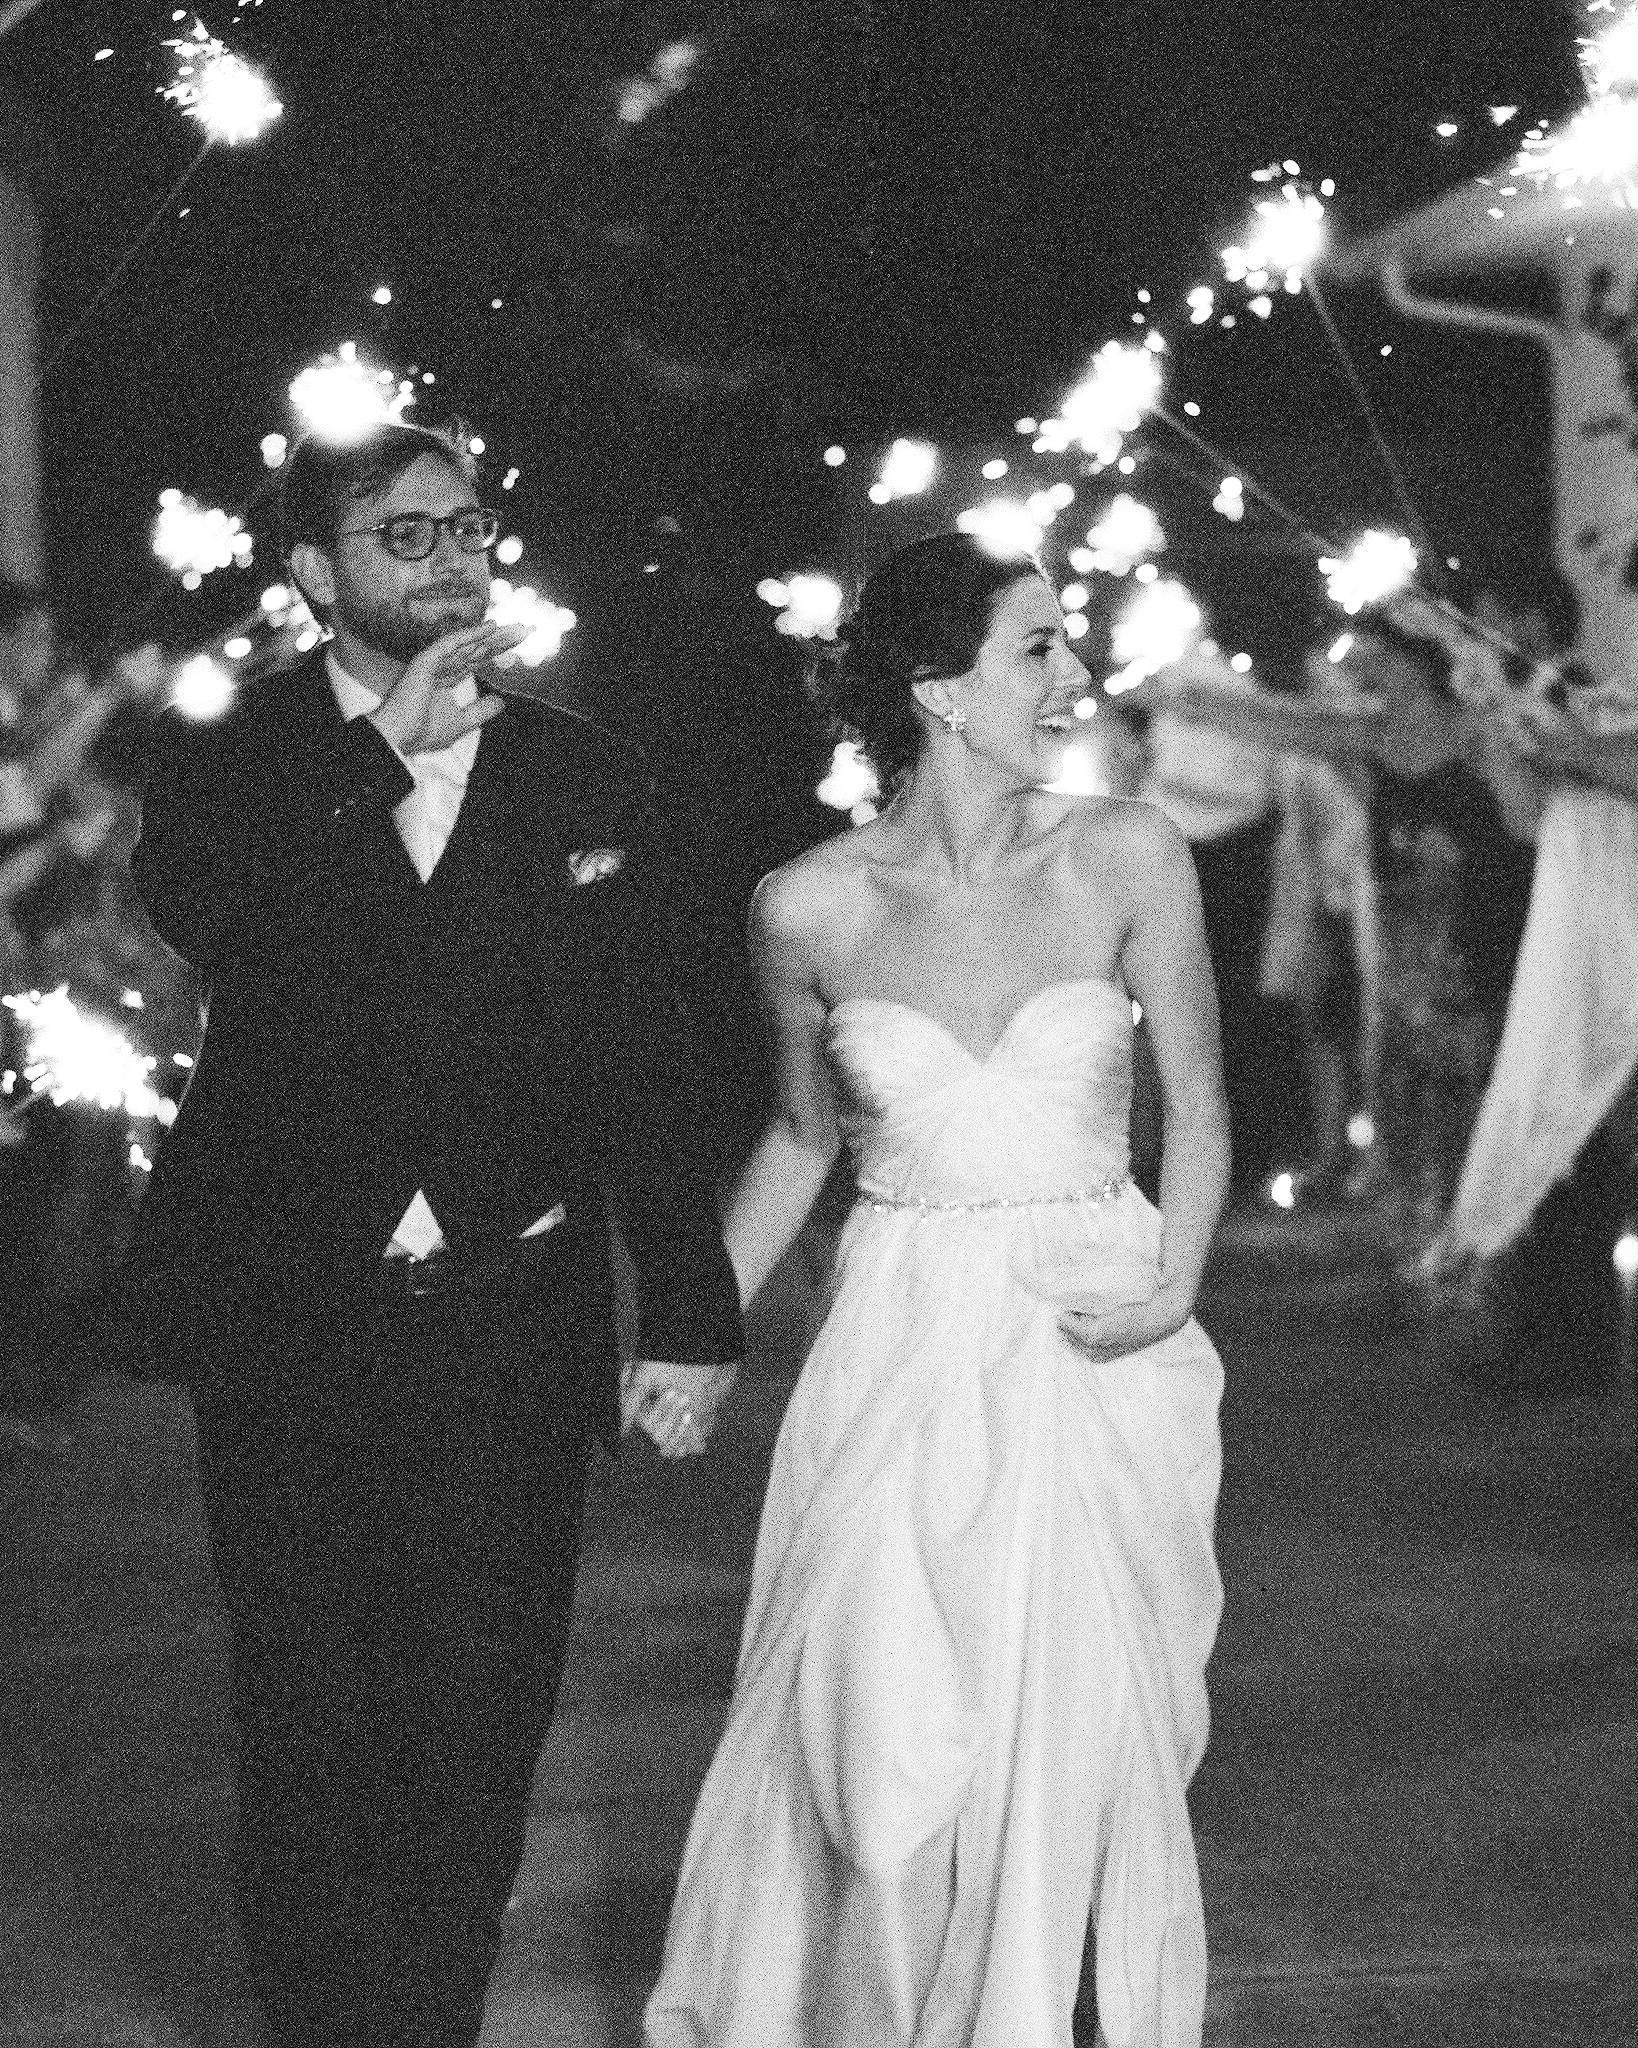 mackenzie-ian-wedding-sparklers-005-s112461-0116.jpg